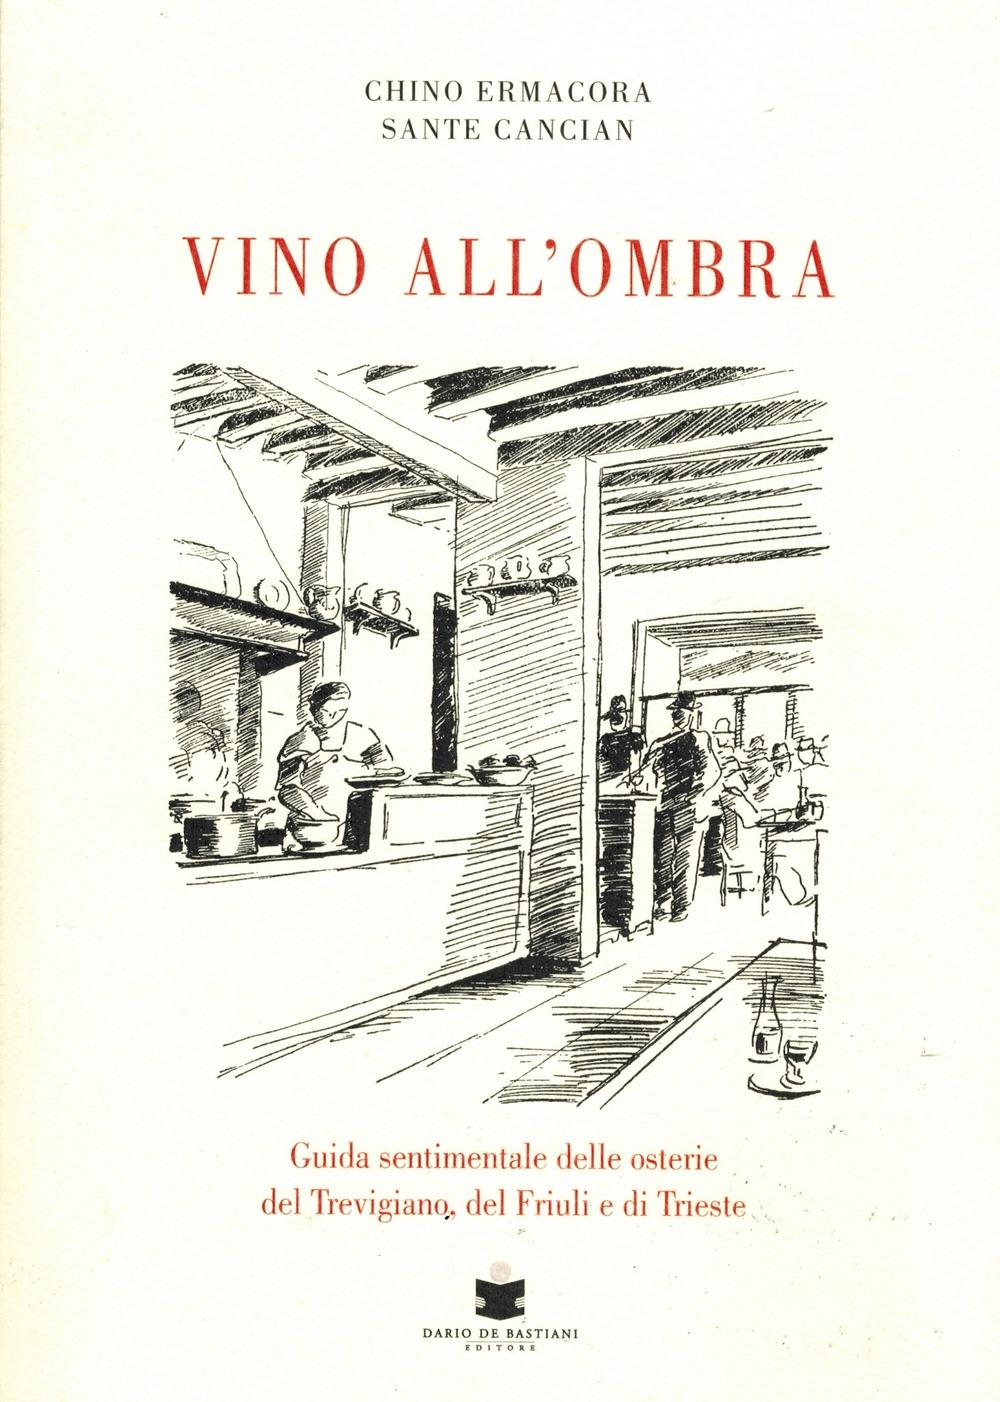 Vino all'ombra. Guida sentimentale delle osterie del Treviggiano, del Friuli e di Trieste